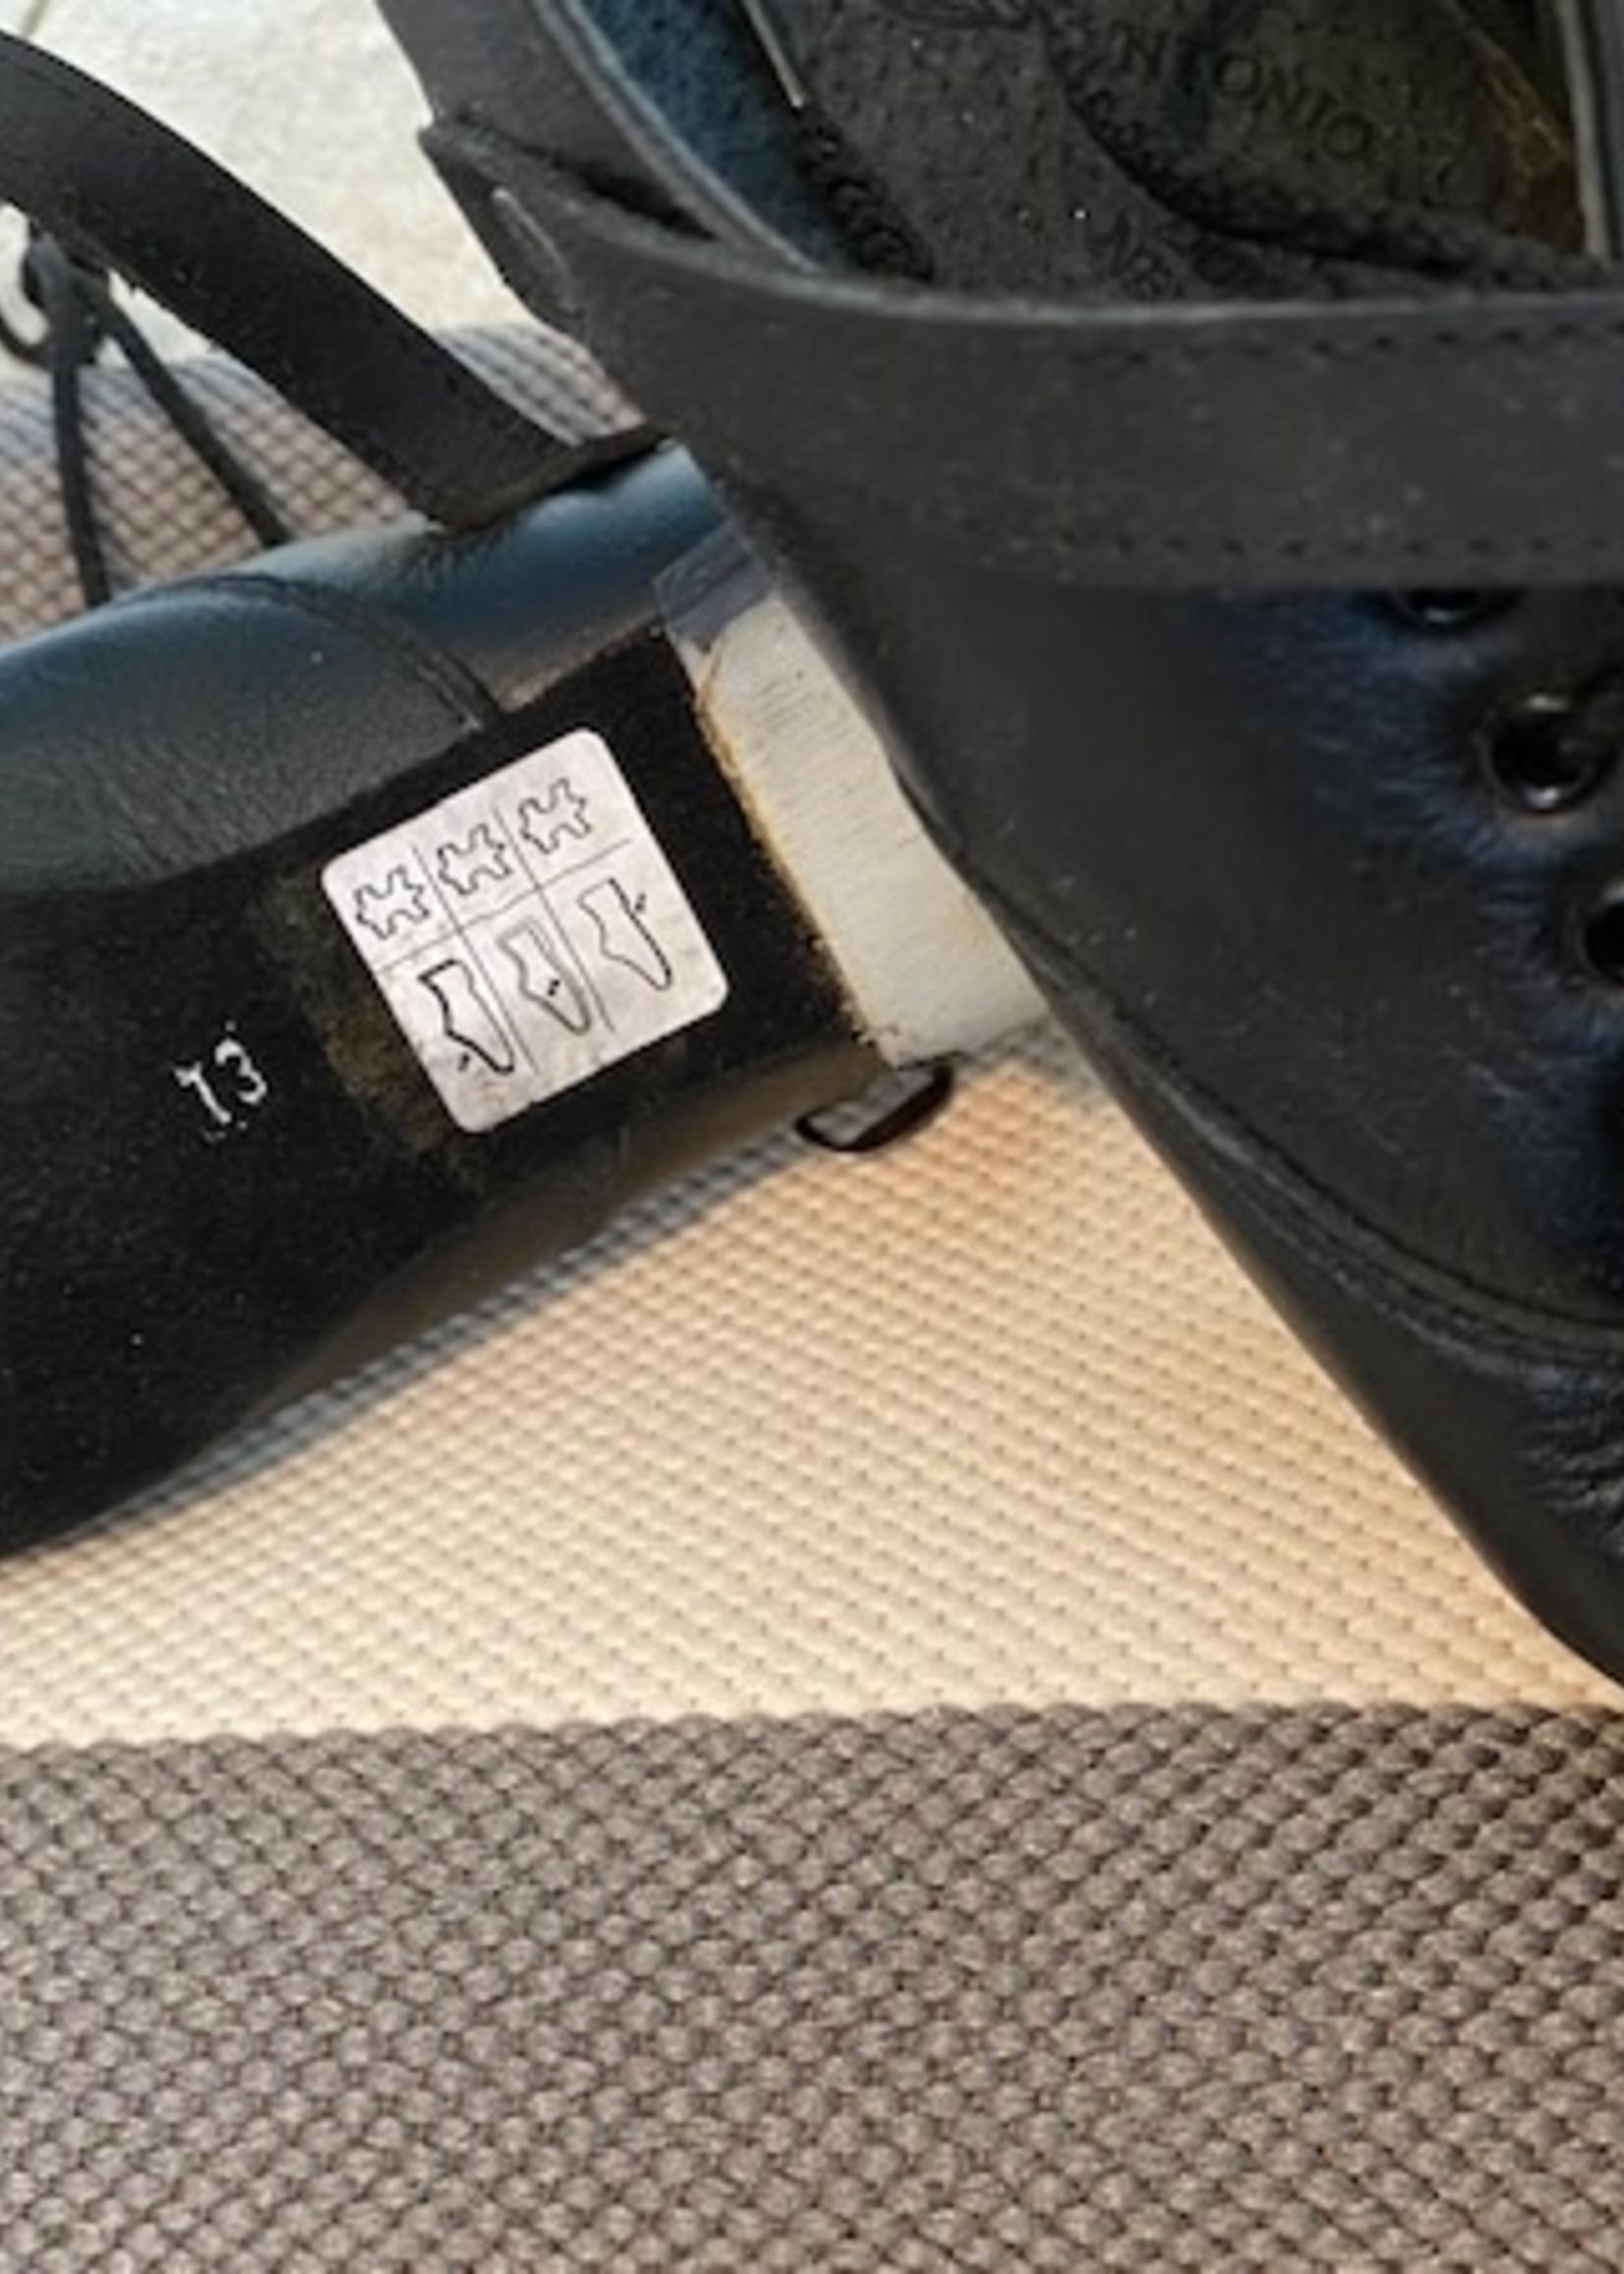 Utra Flexi jig shoe WIde - Concorde Tip & heel size 7.5